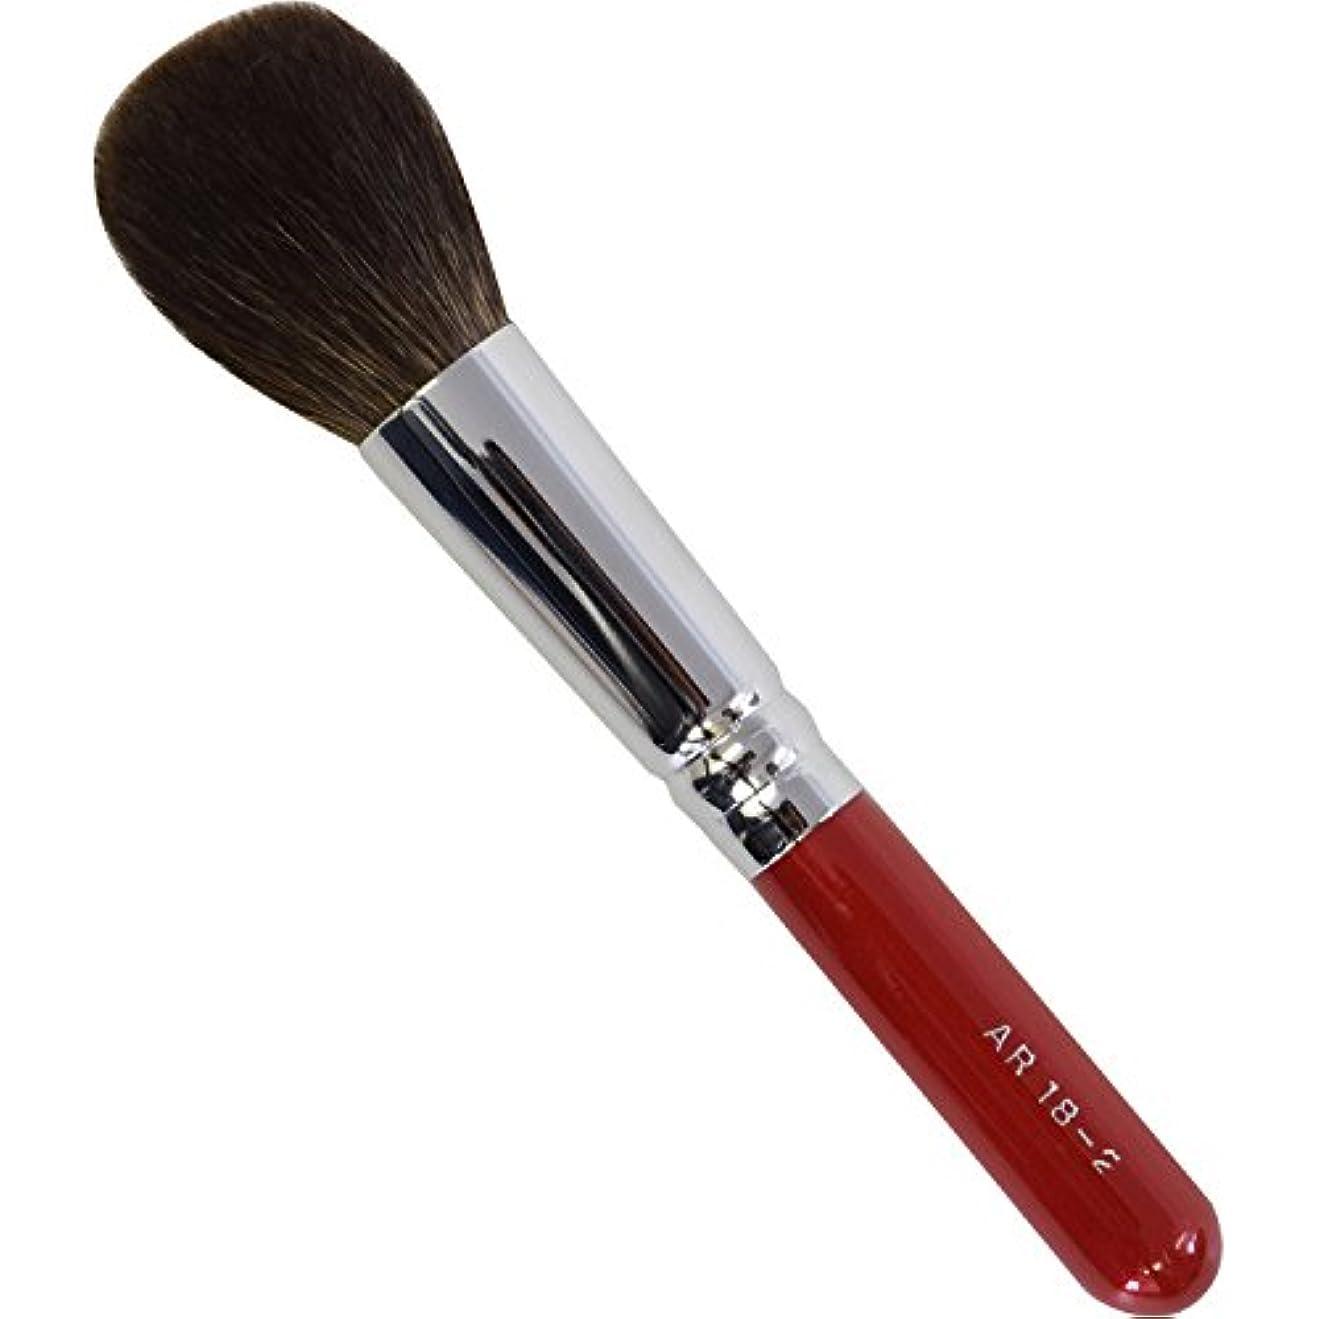 褐色ブローホール計り知れないARRS18-2 熊野筆 六角館さくら堂 チークブラシ 灰リス毛100% 赤軸 プロ仕様